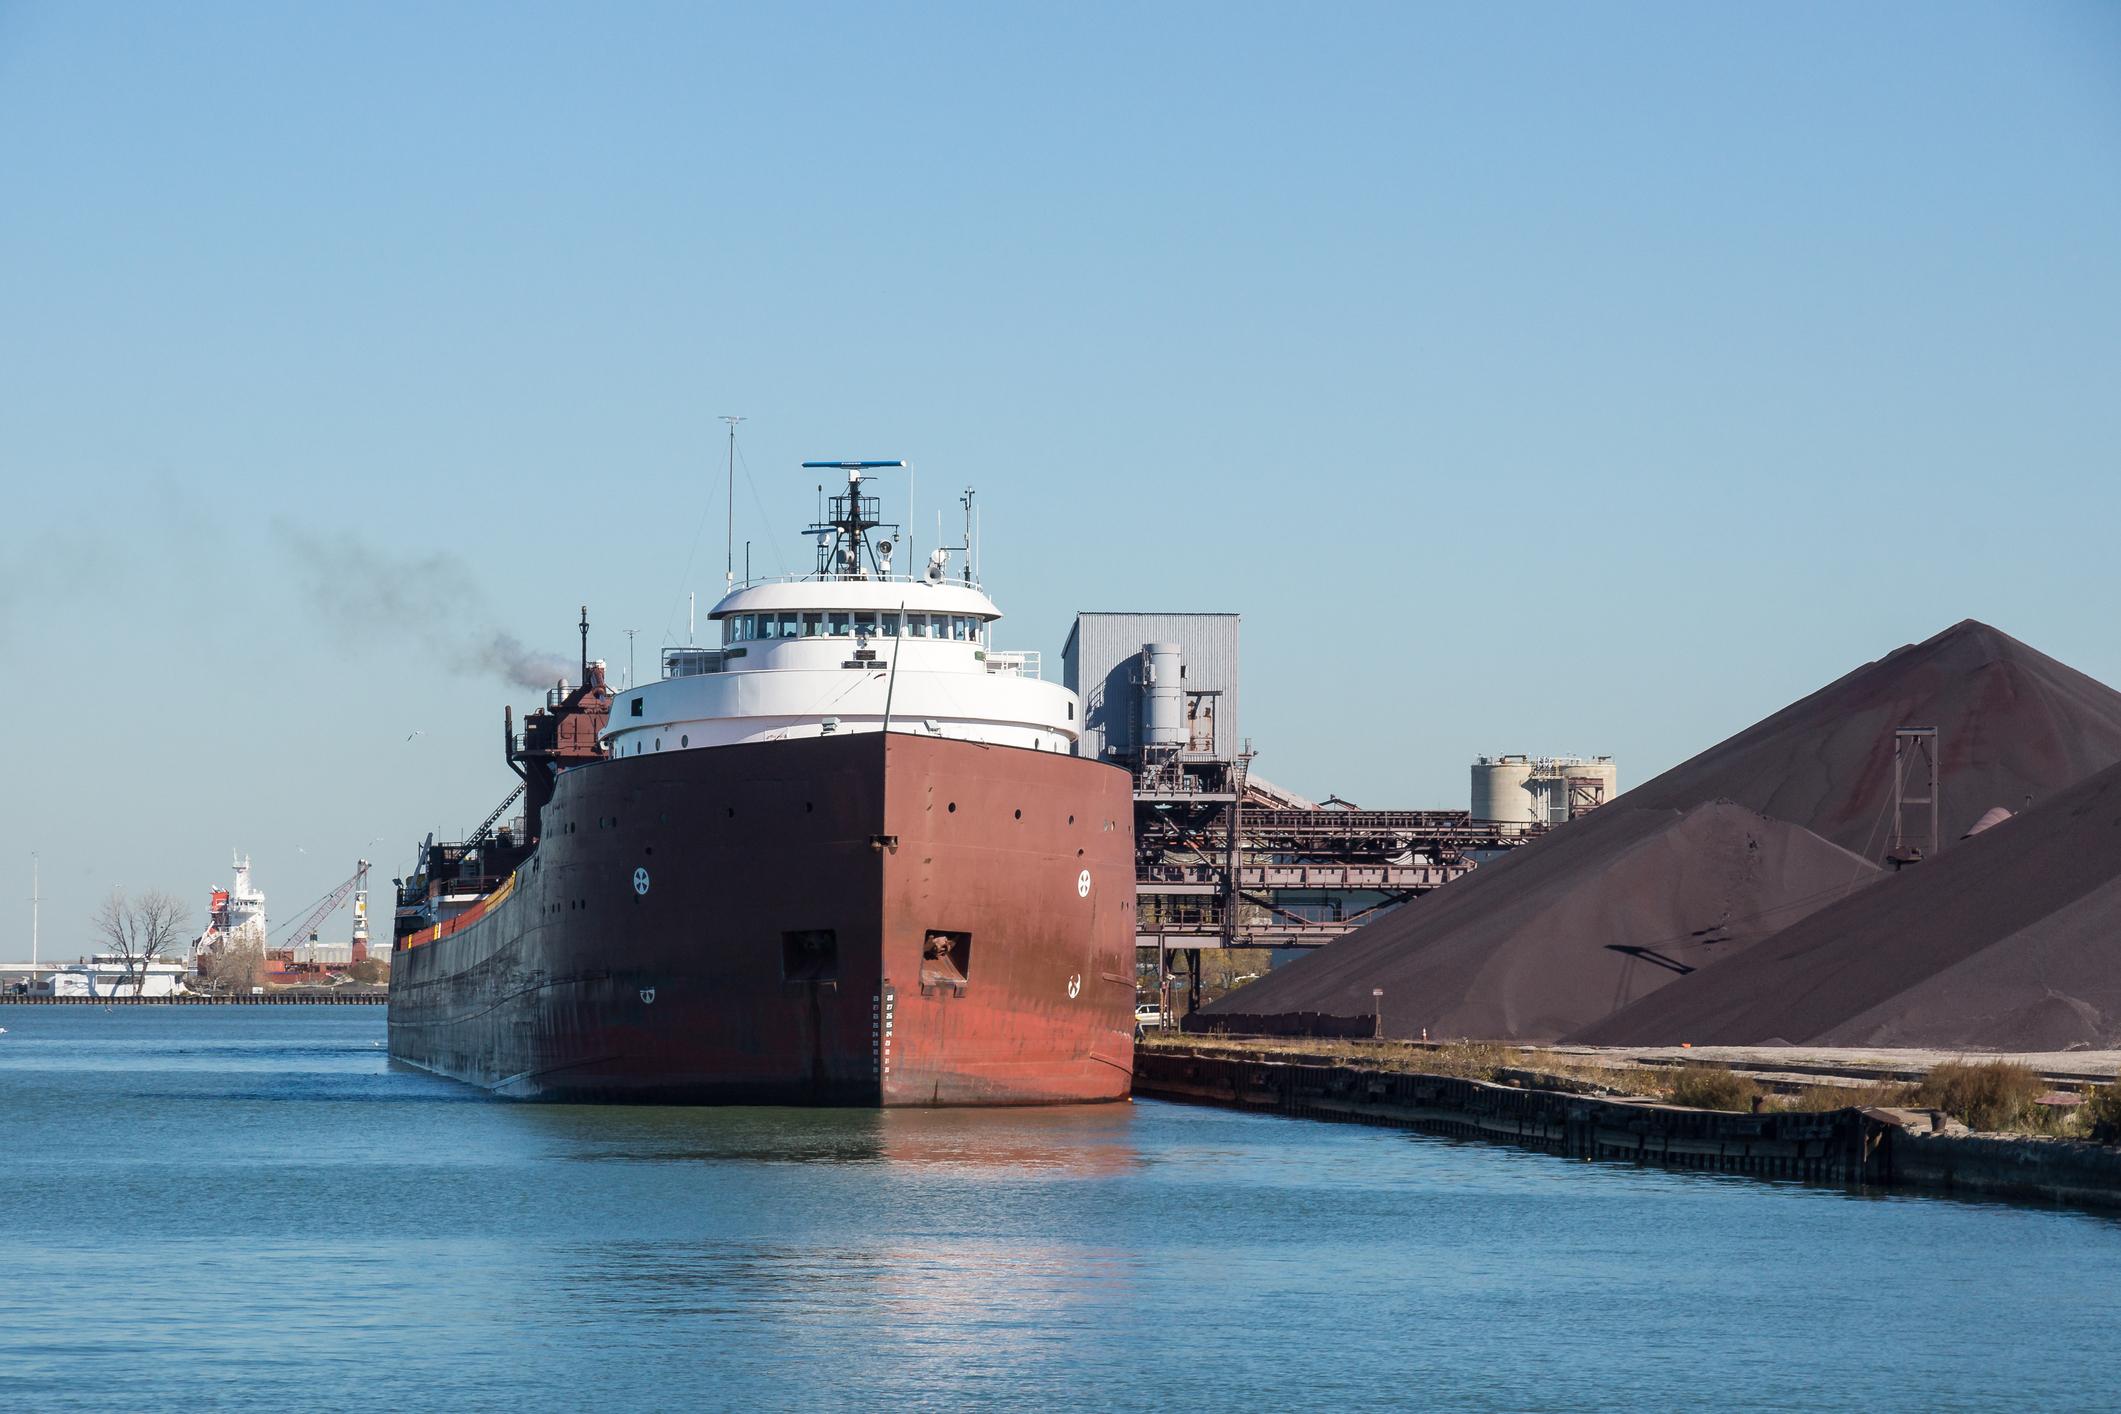 Dry bulk ship offloading coal